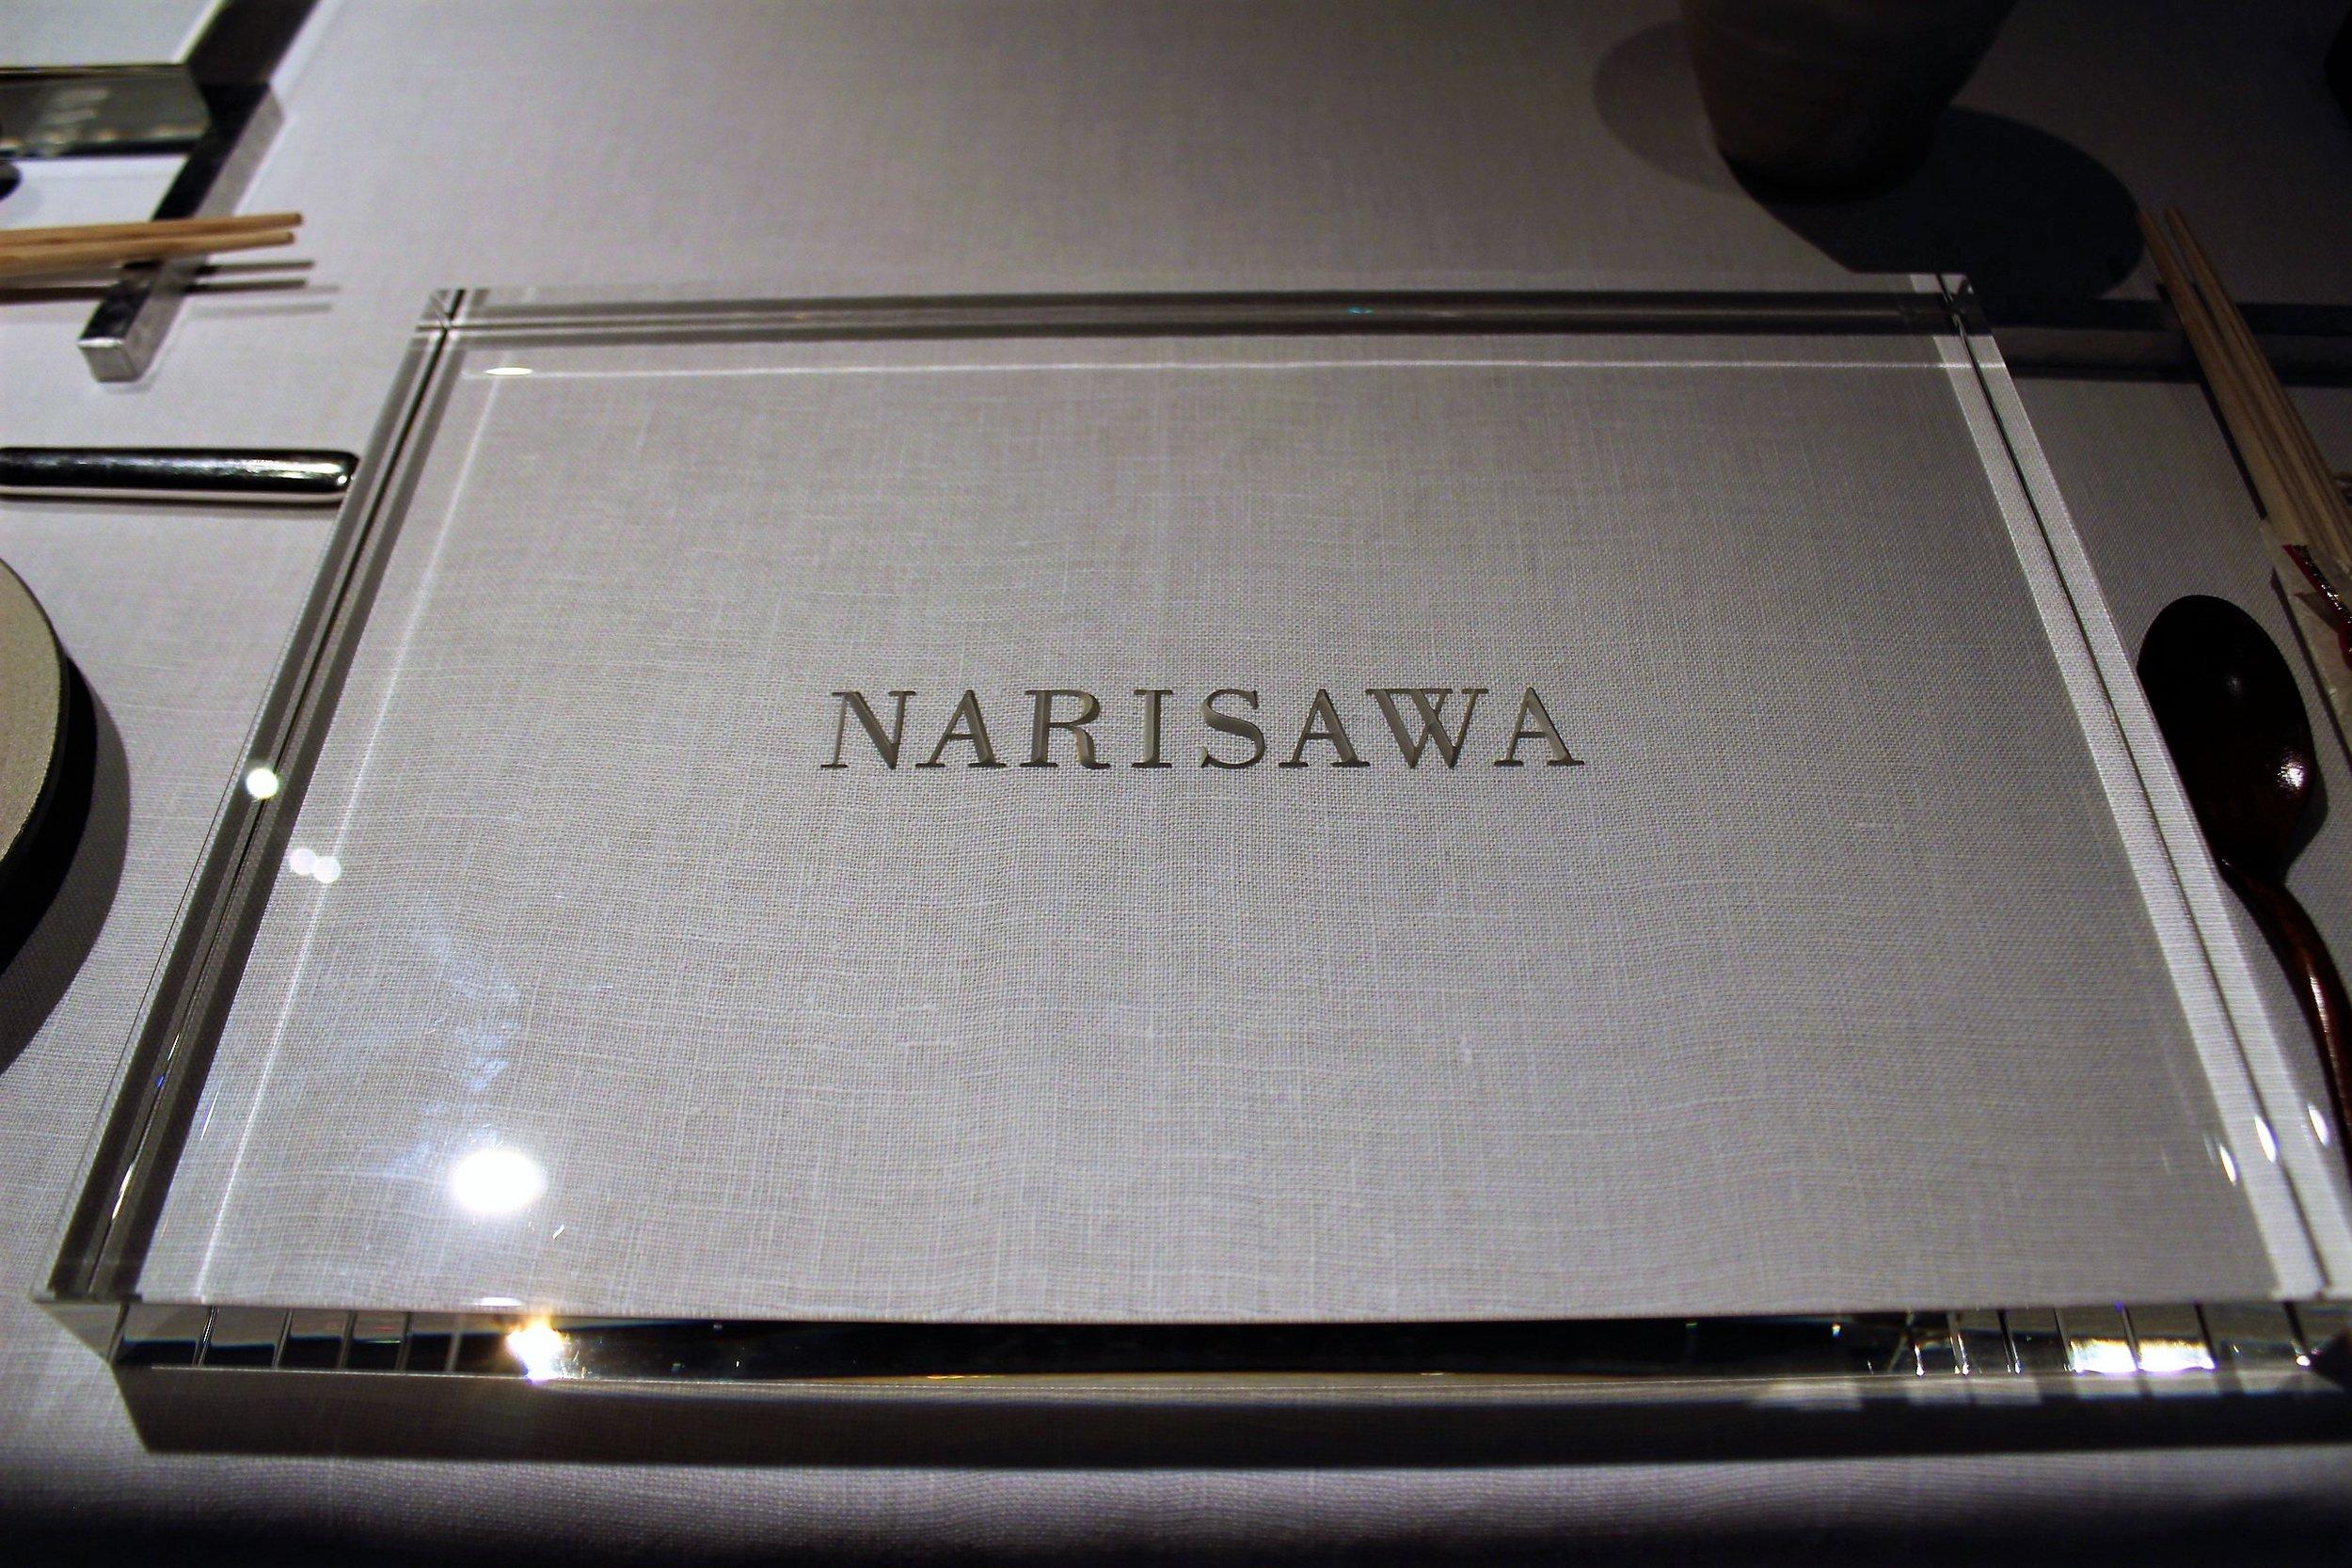 Narisawa in Tokyo, Japan